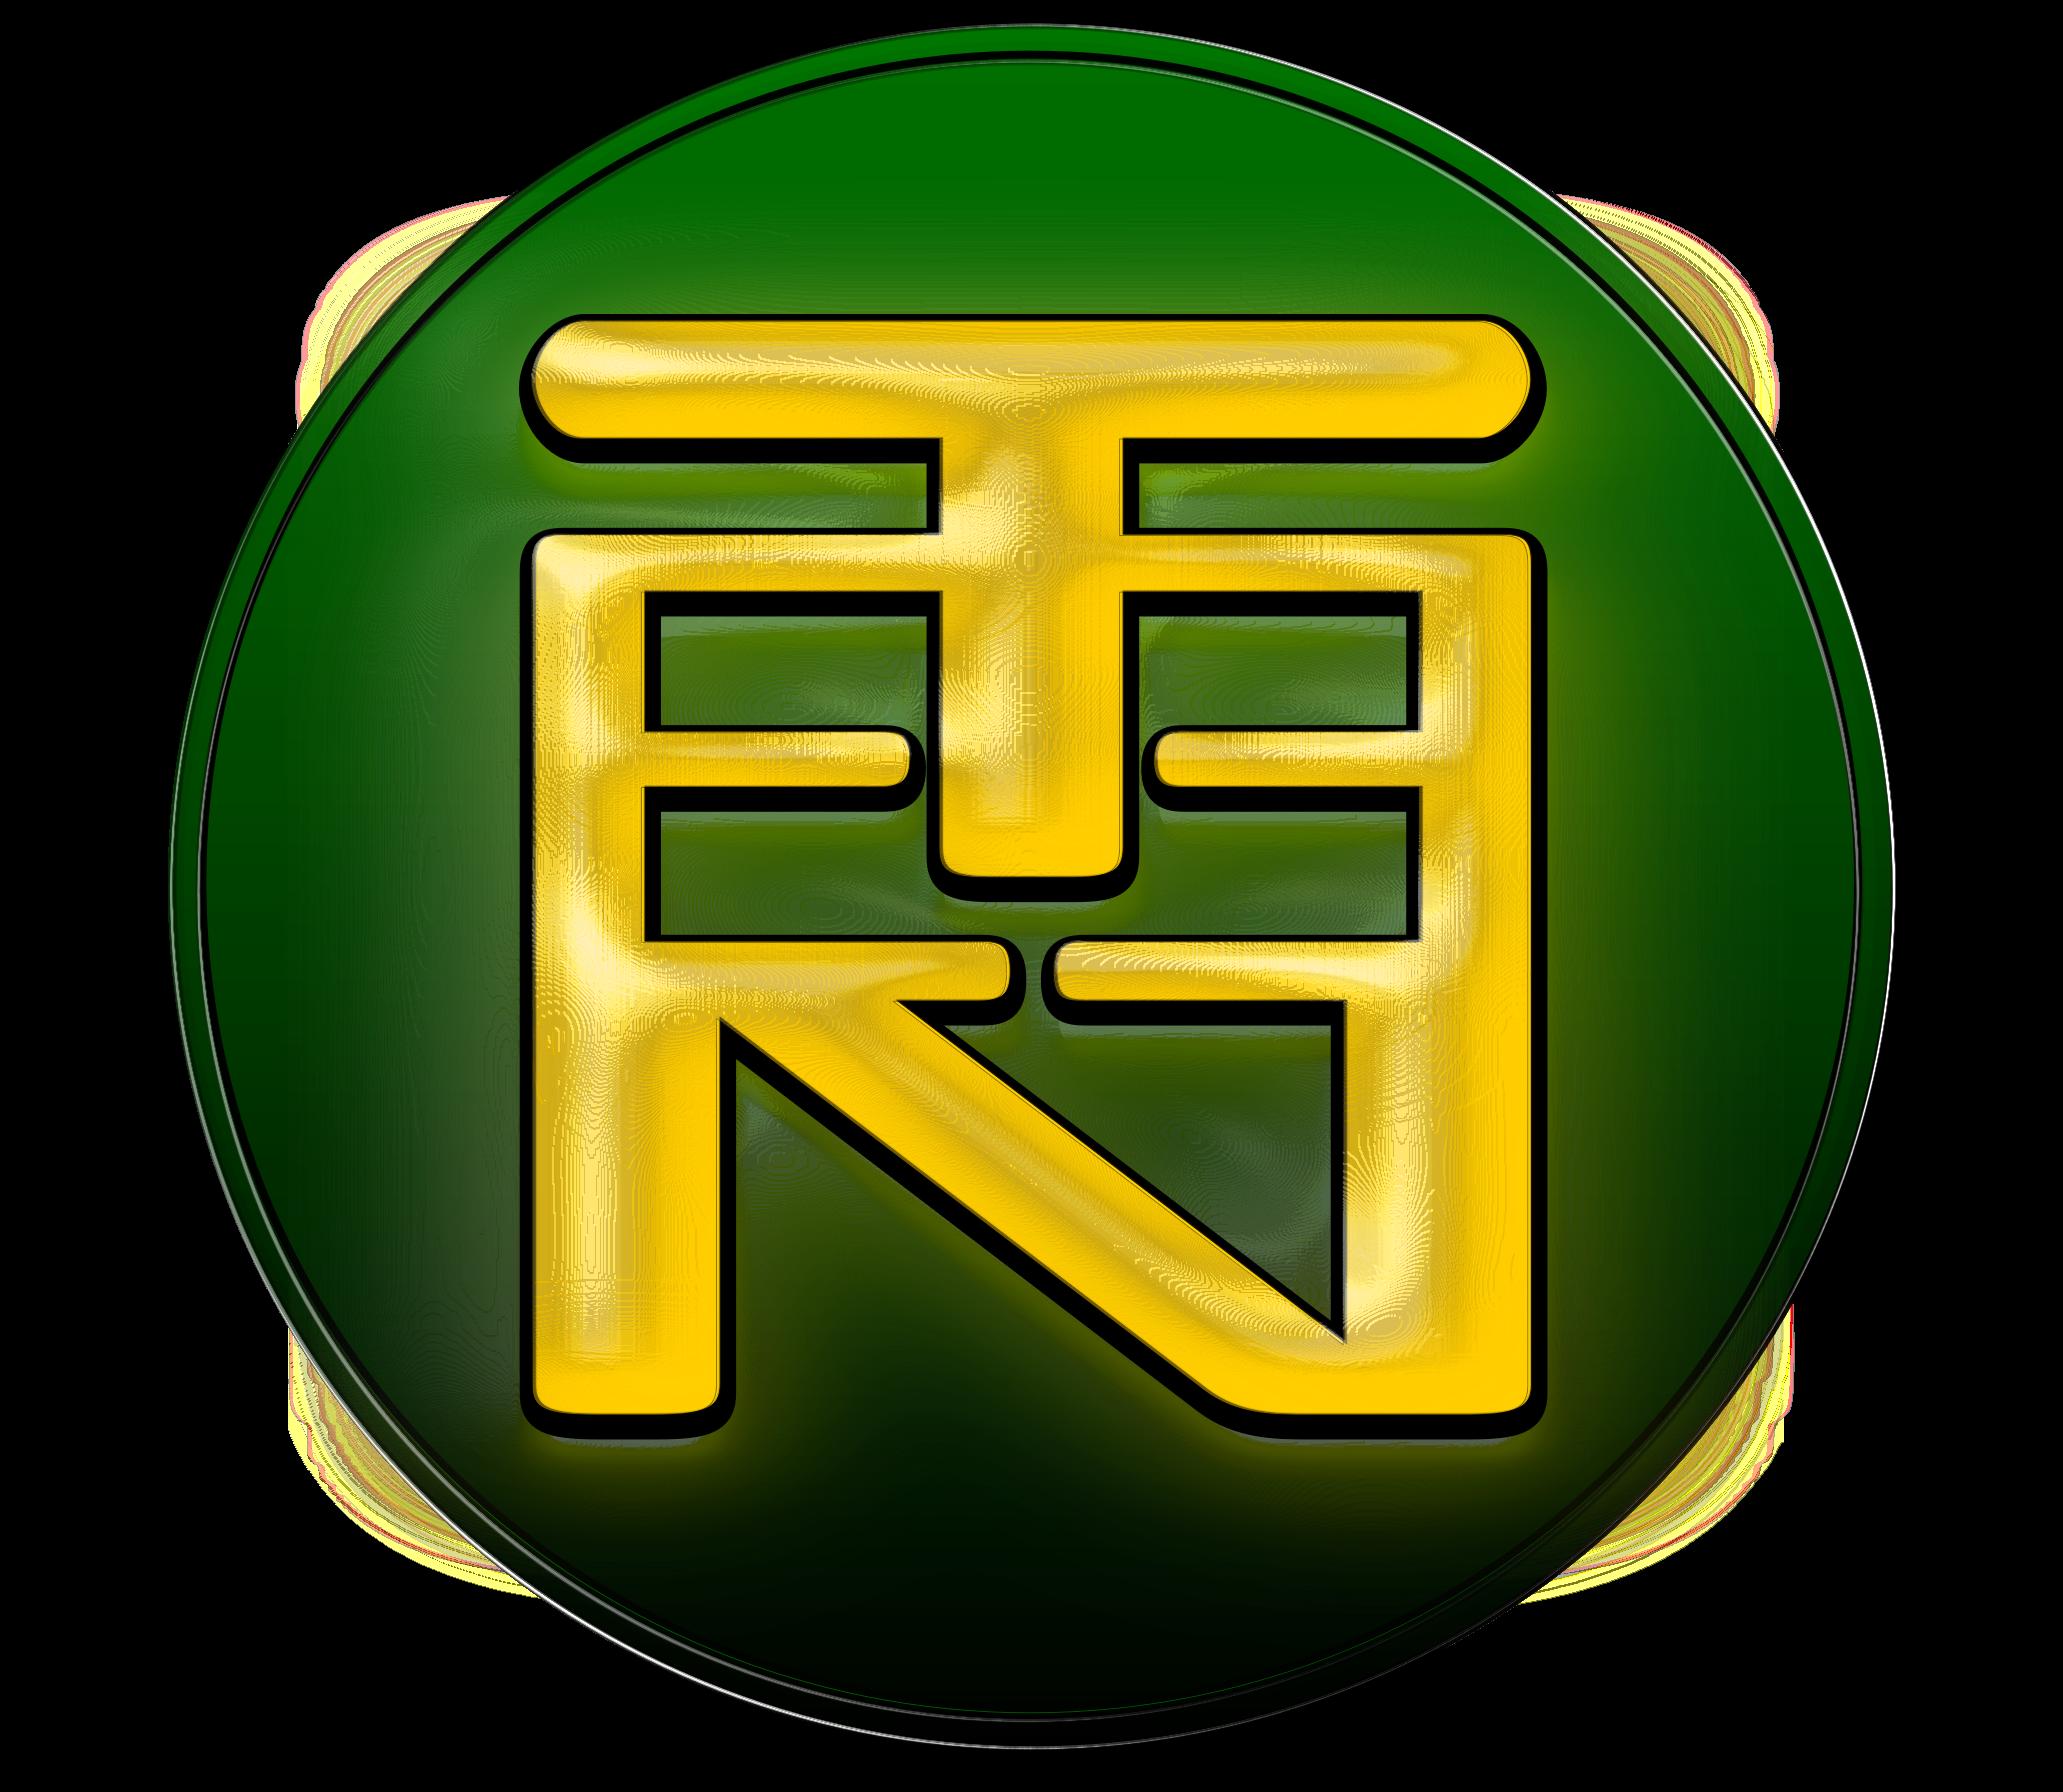 TEEN COIN